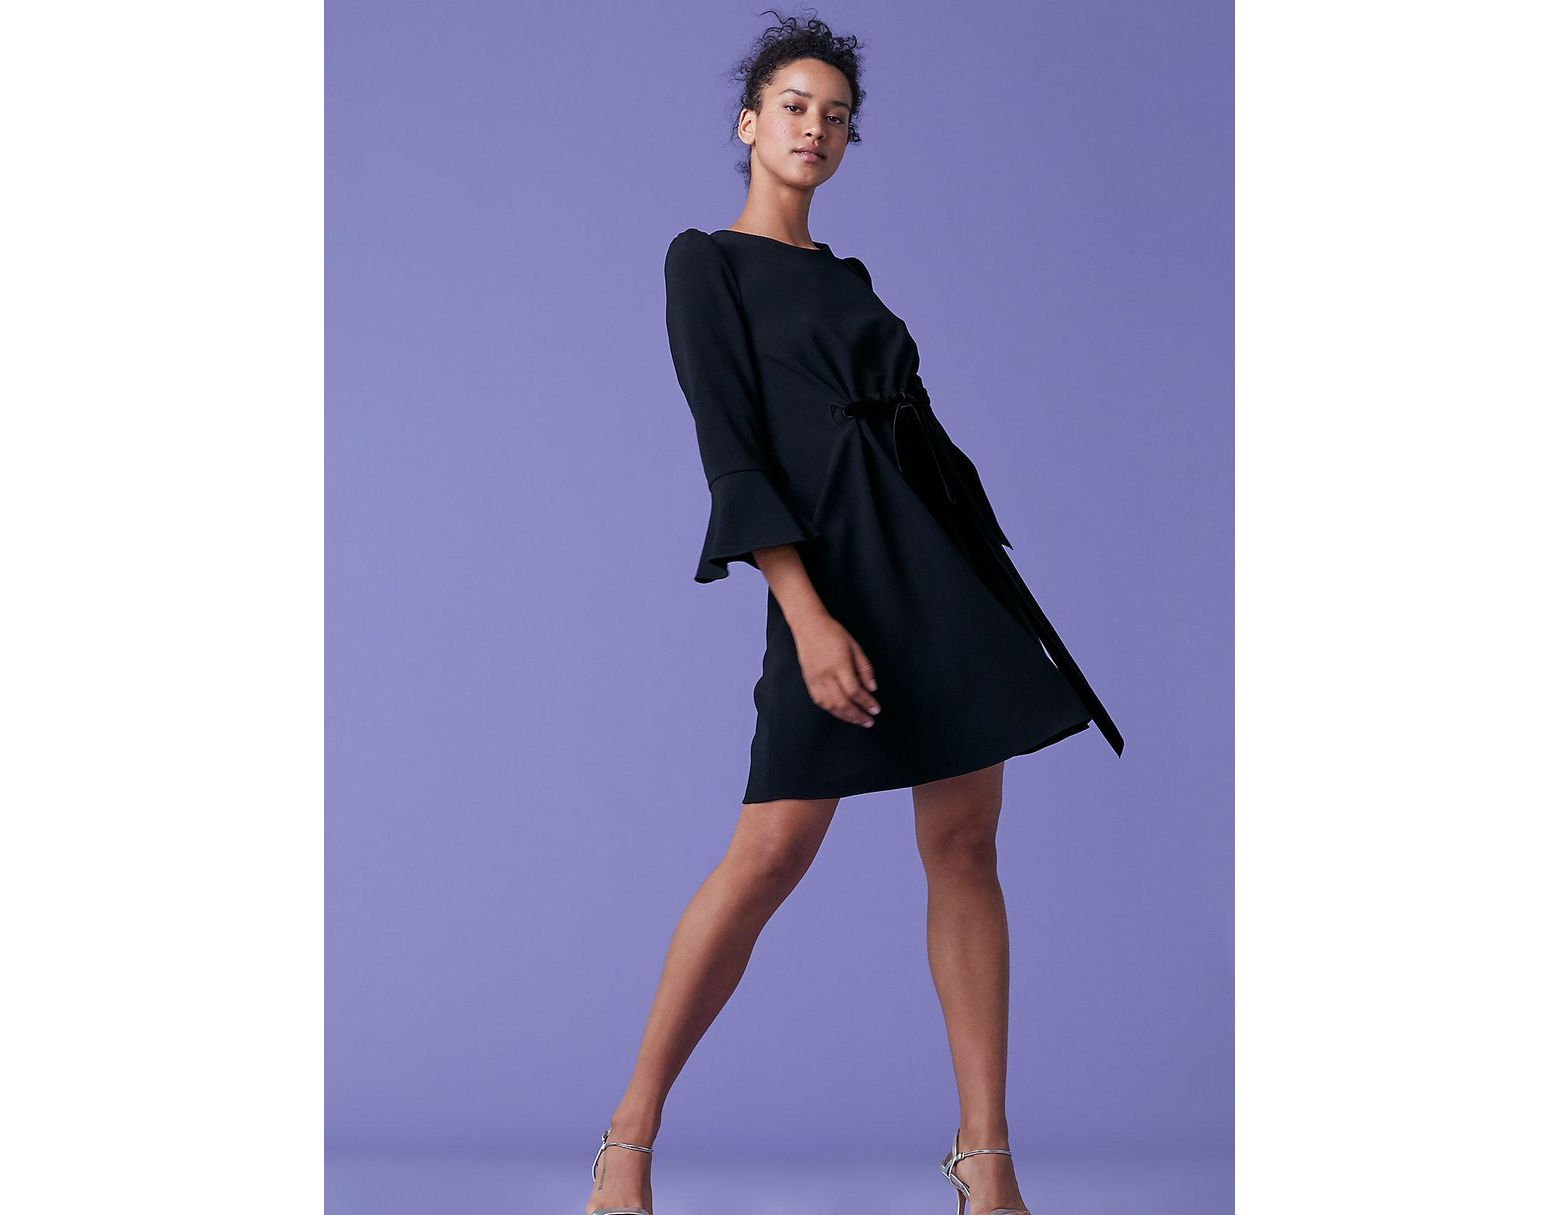 e6f116e587c Diane von Furstenberg Augustine Front Tie Dress in Black - Lyst